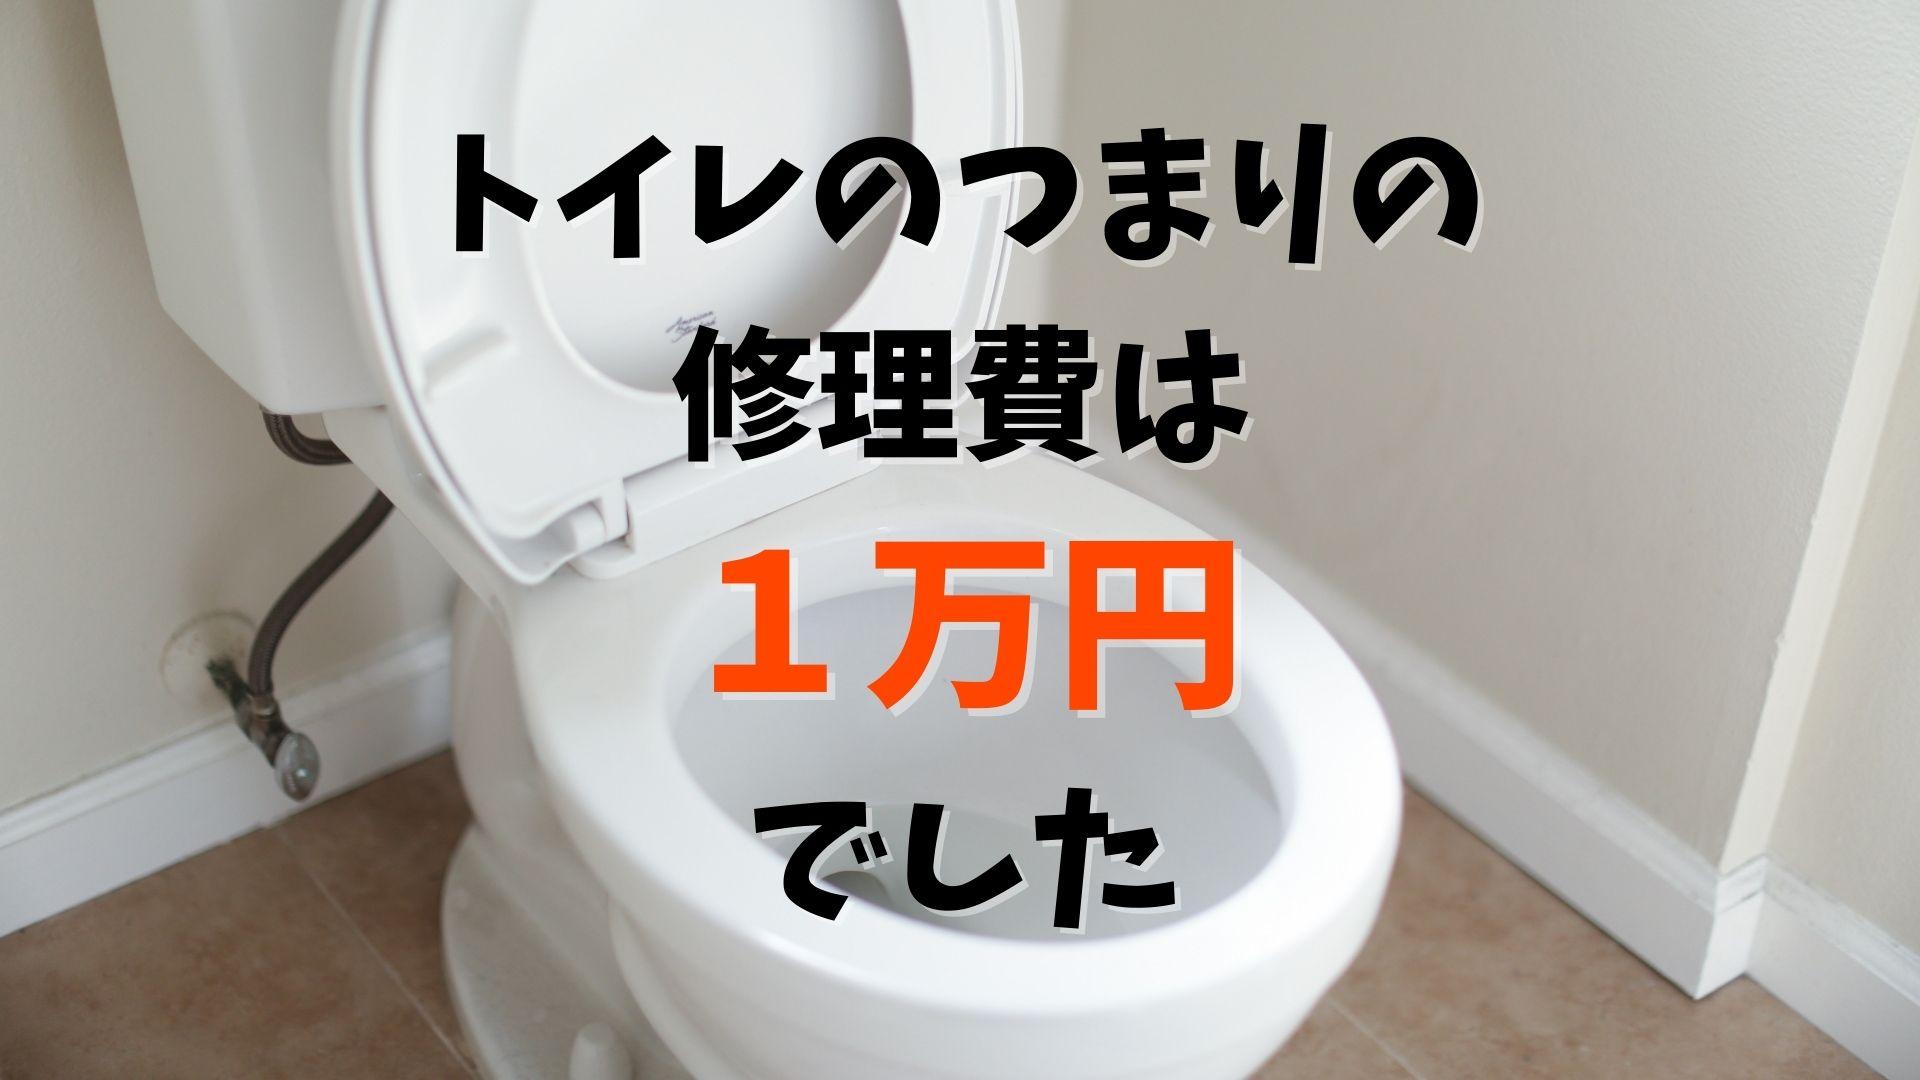 トイレのつまりの 修理費は